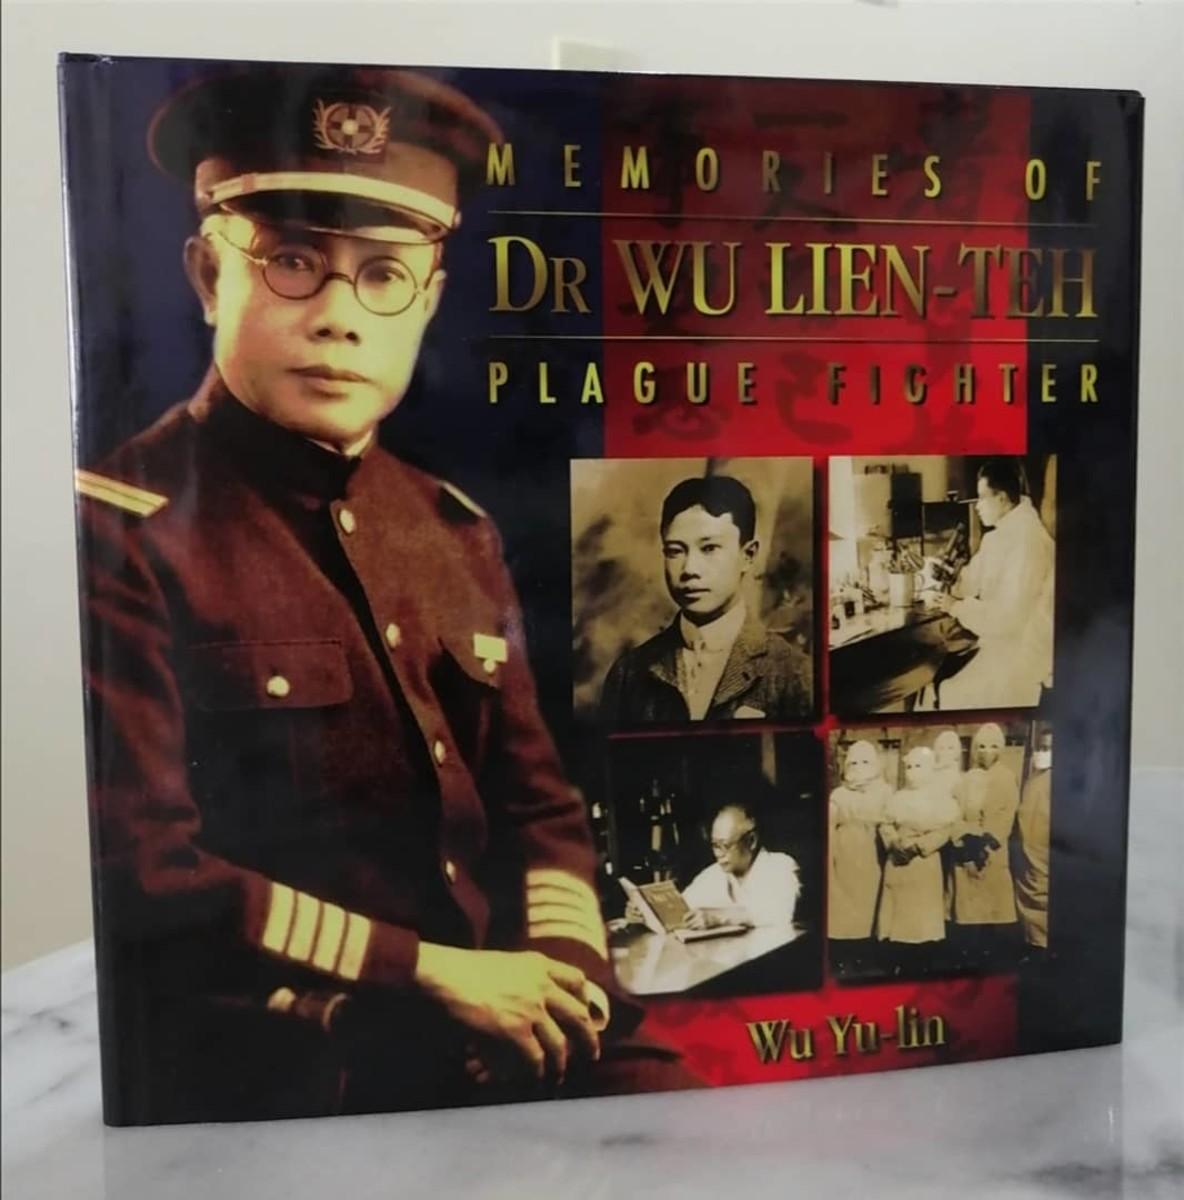 """My copy of """"Memories of Dr Wu Lien-Teh"""", by her eldest daughter Wu Yu-Lin, 1995, reprinted 2016."""